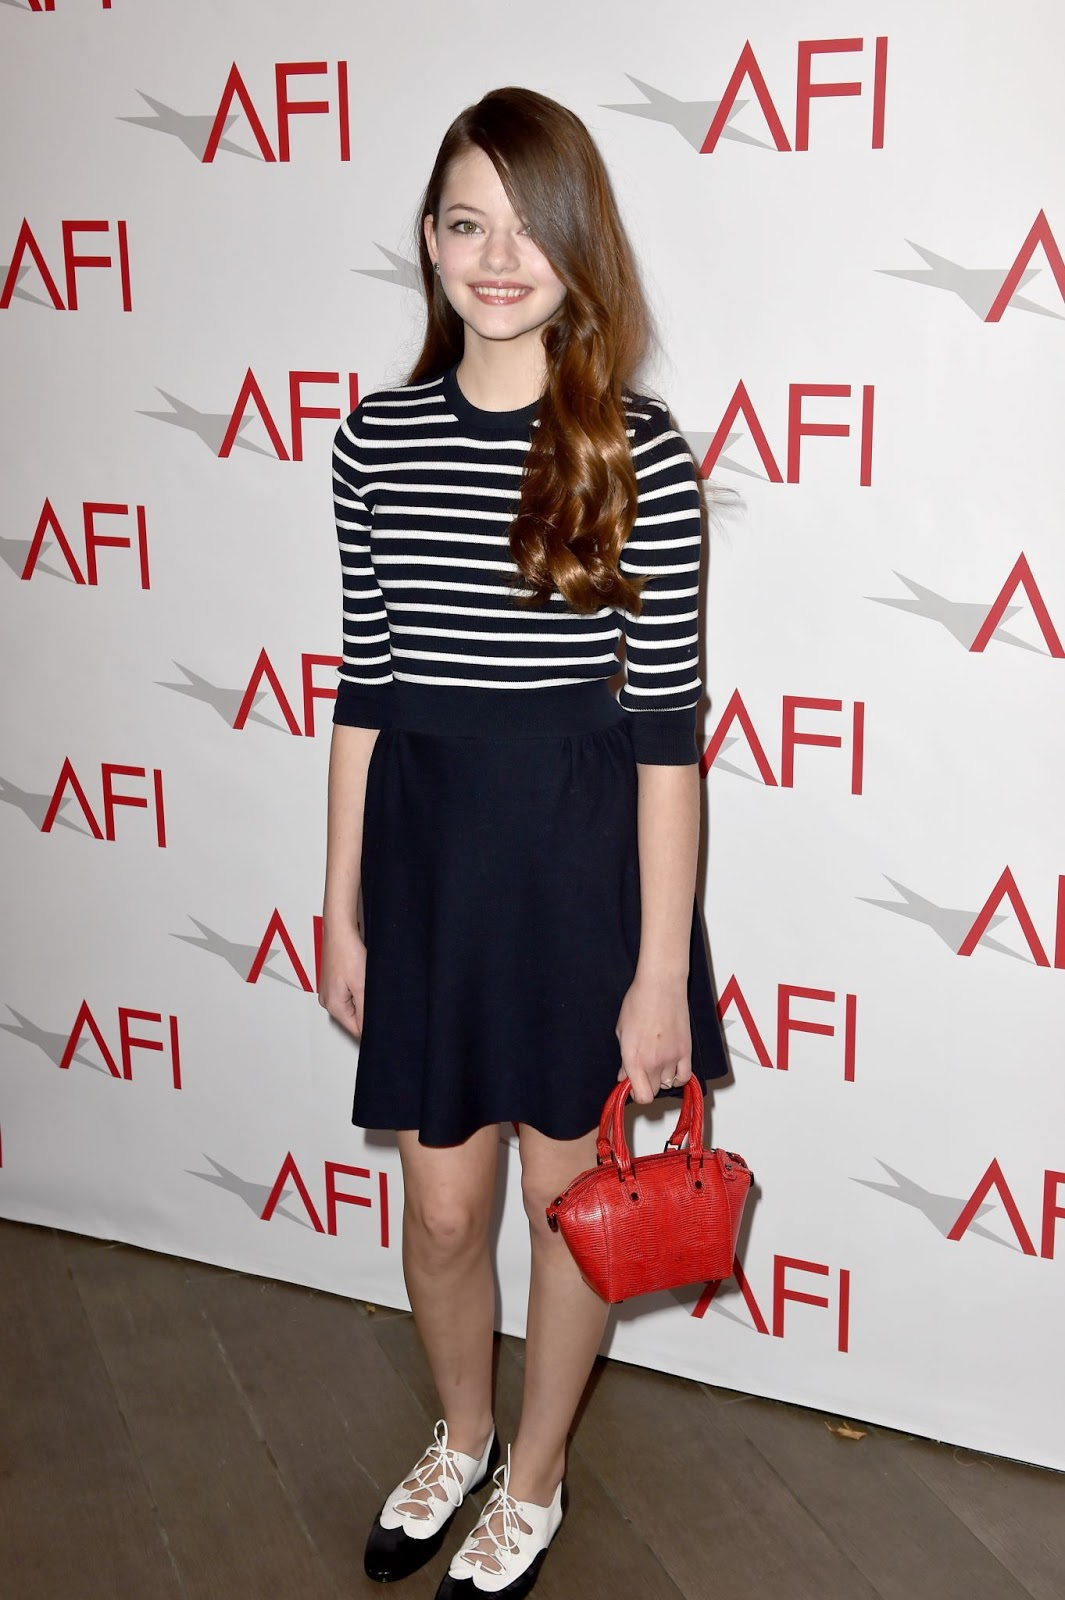 Mackenzie Foy attend 15th Annual AFI Awards